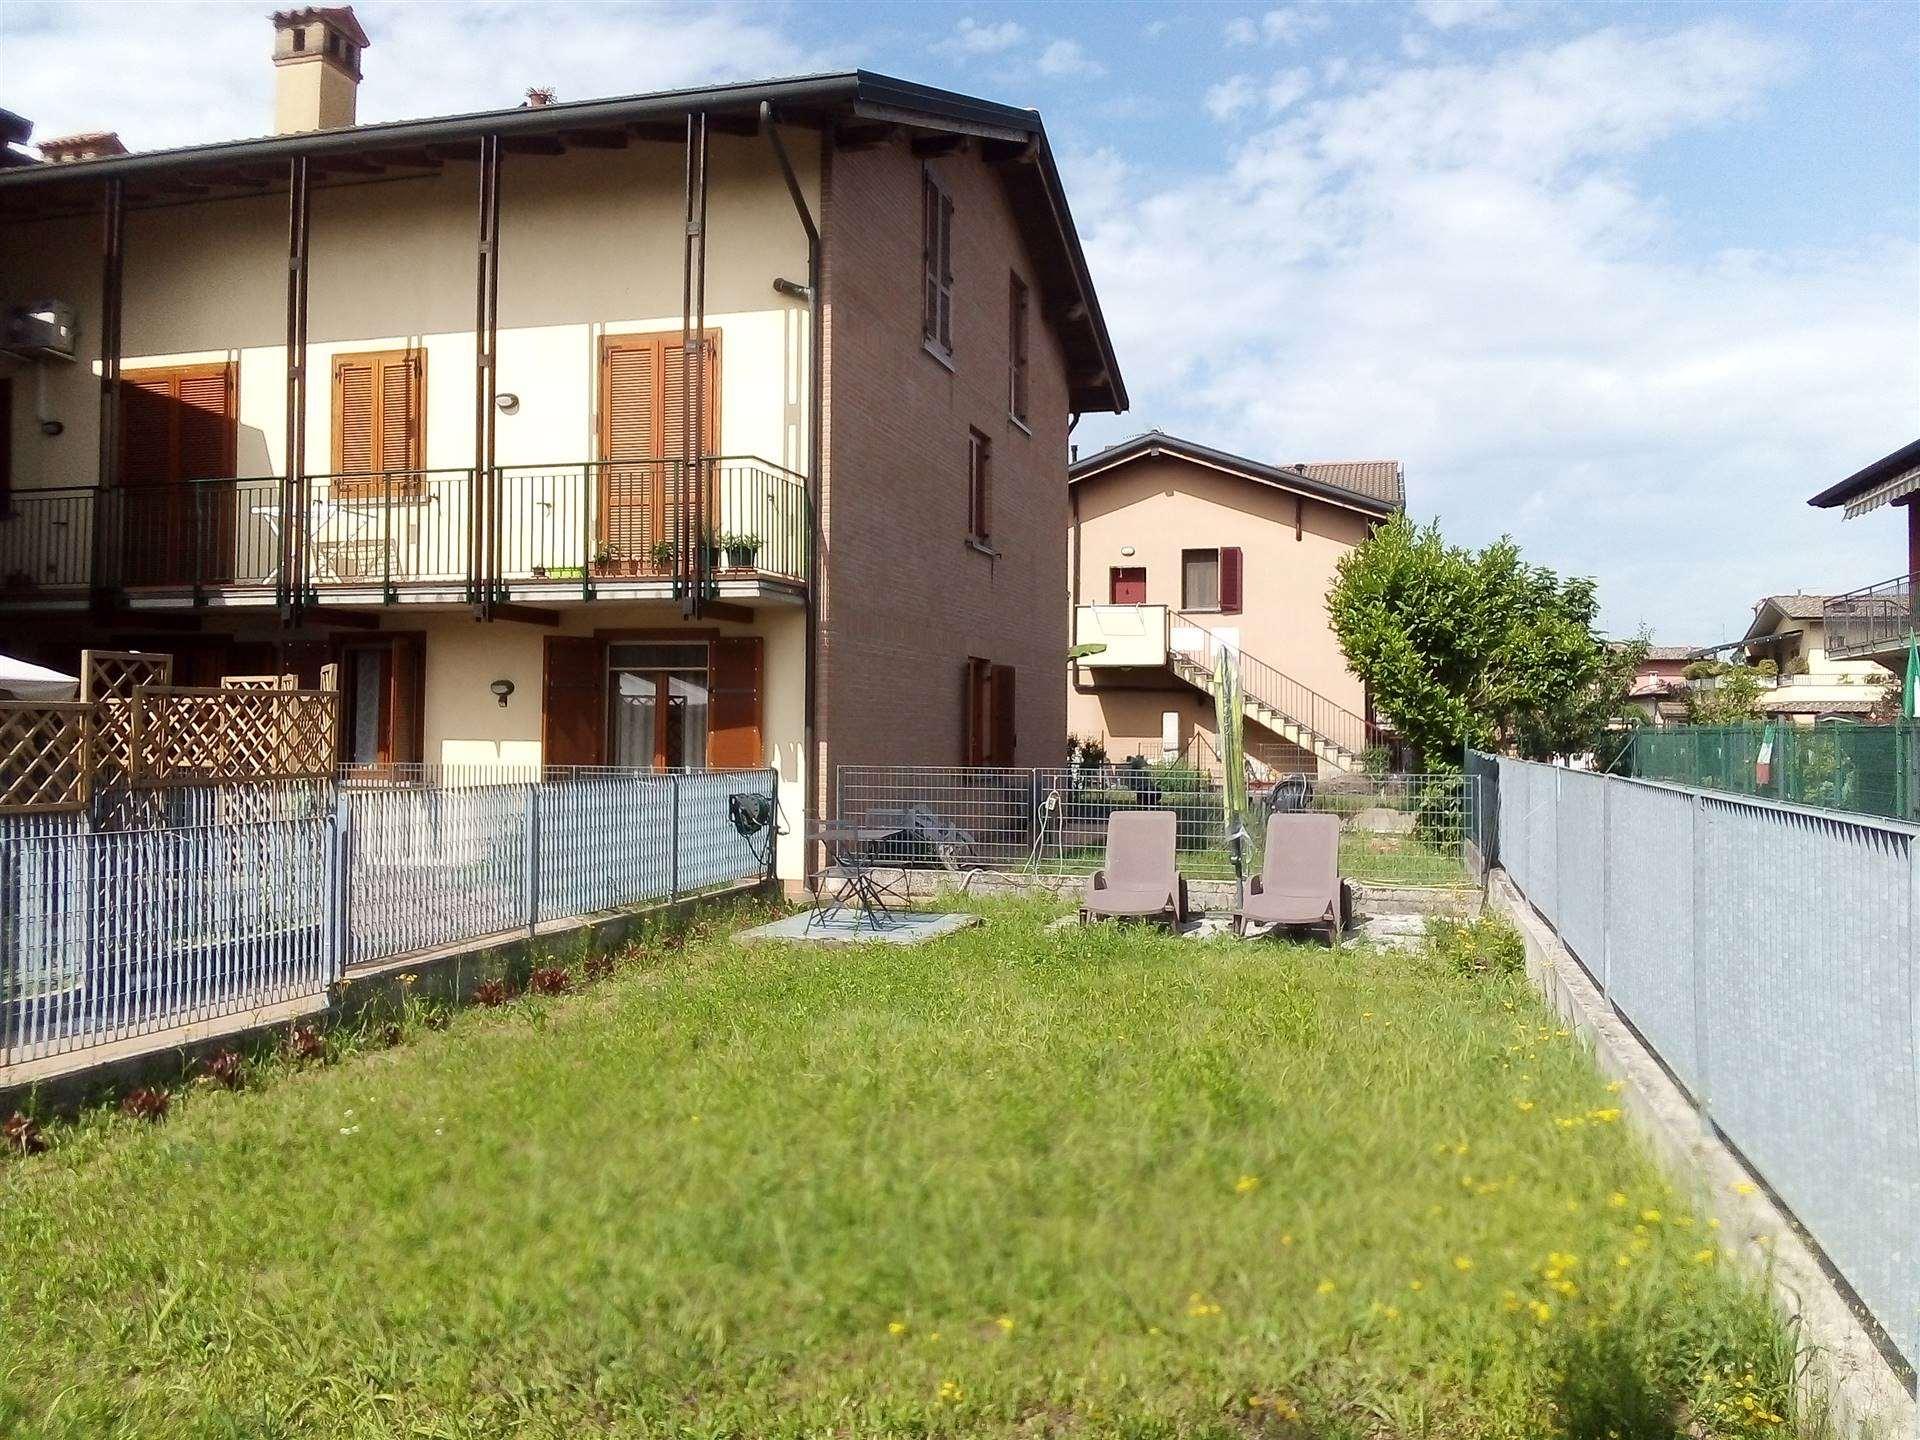 Appartamento in vendita a Pontirolo Nuovo, 3 locali, prezzo € 145.000 | PortaleAgenzieImmobiliari.it